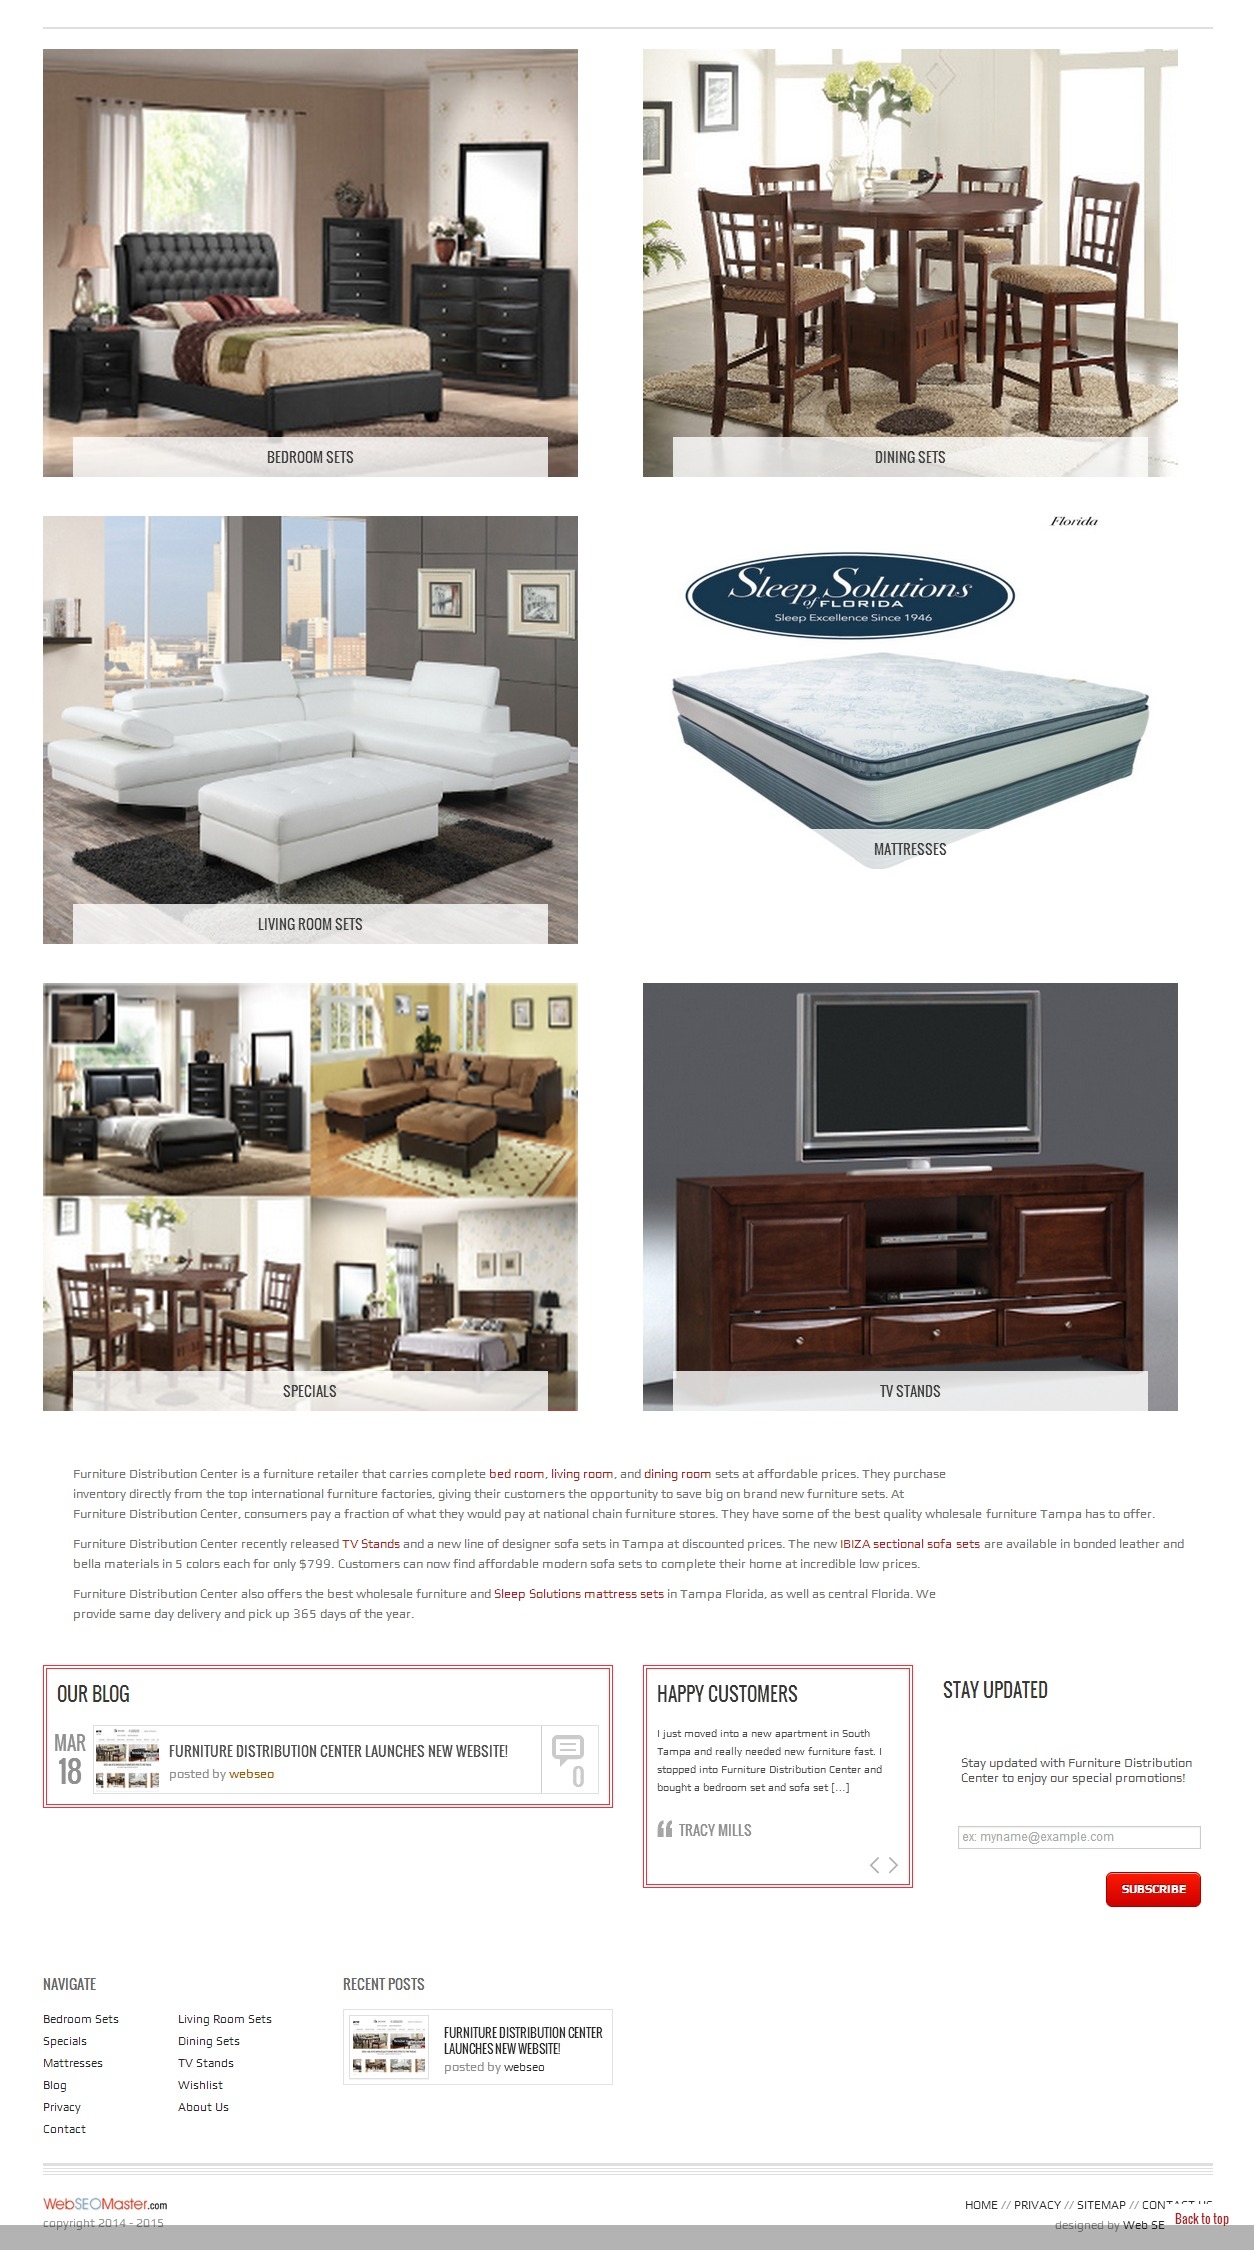 Furniture Distribution Center Tampa Florida   Wholesale Furniture Tampa 2